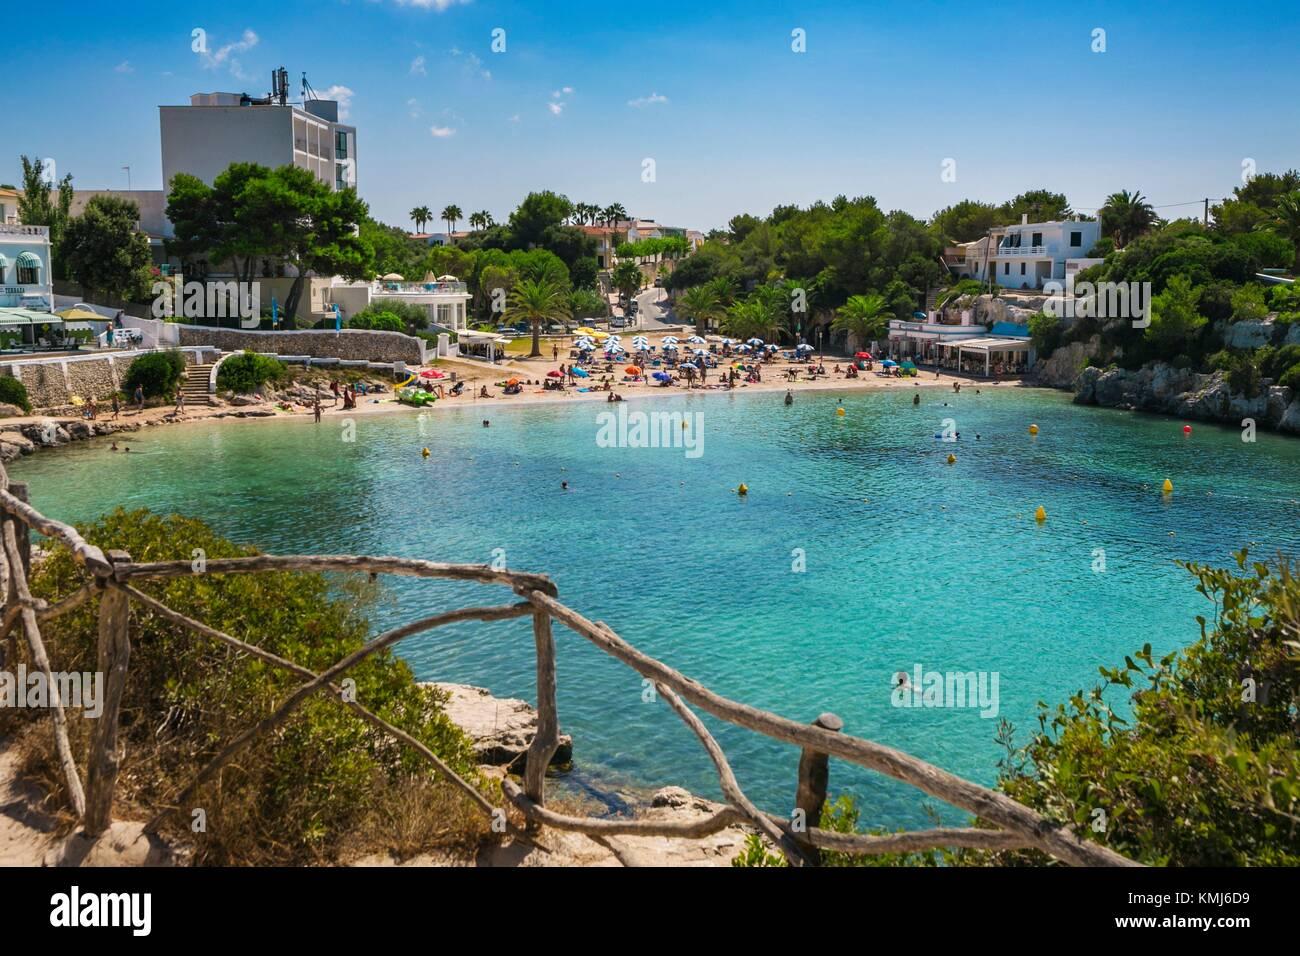 Cala Santandria Playa. El municipio de Ciutadella de Menorca. Menorca. Islas Baleares. España Imagen De Stock